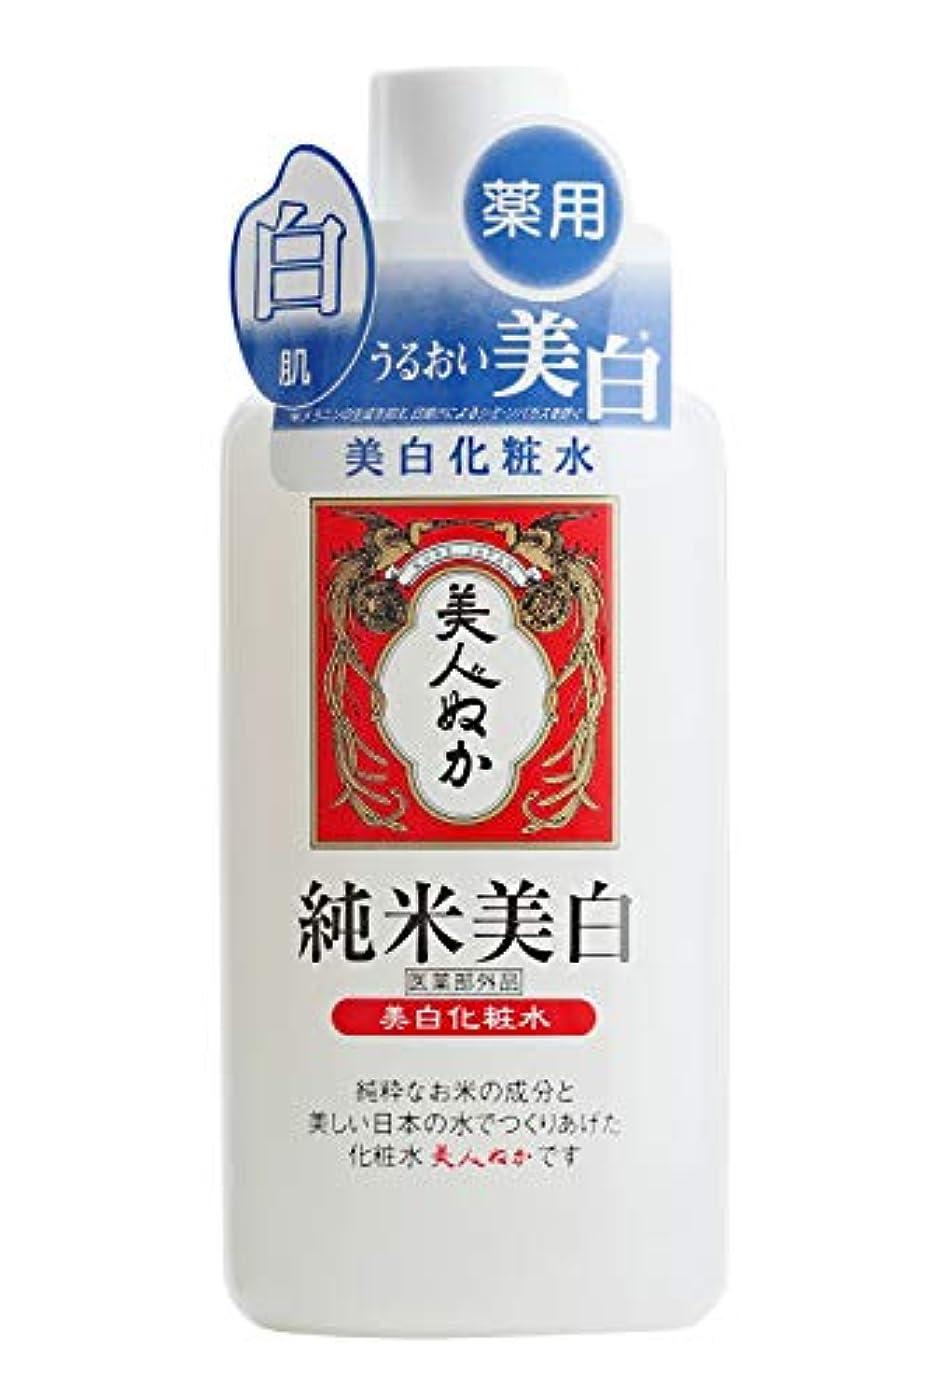 ポットパパ謝罪する美人ぬか 純米美白化粧水 (医薬部外品) 130mL